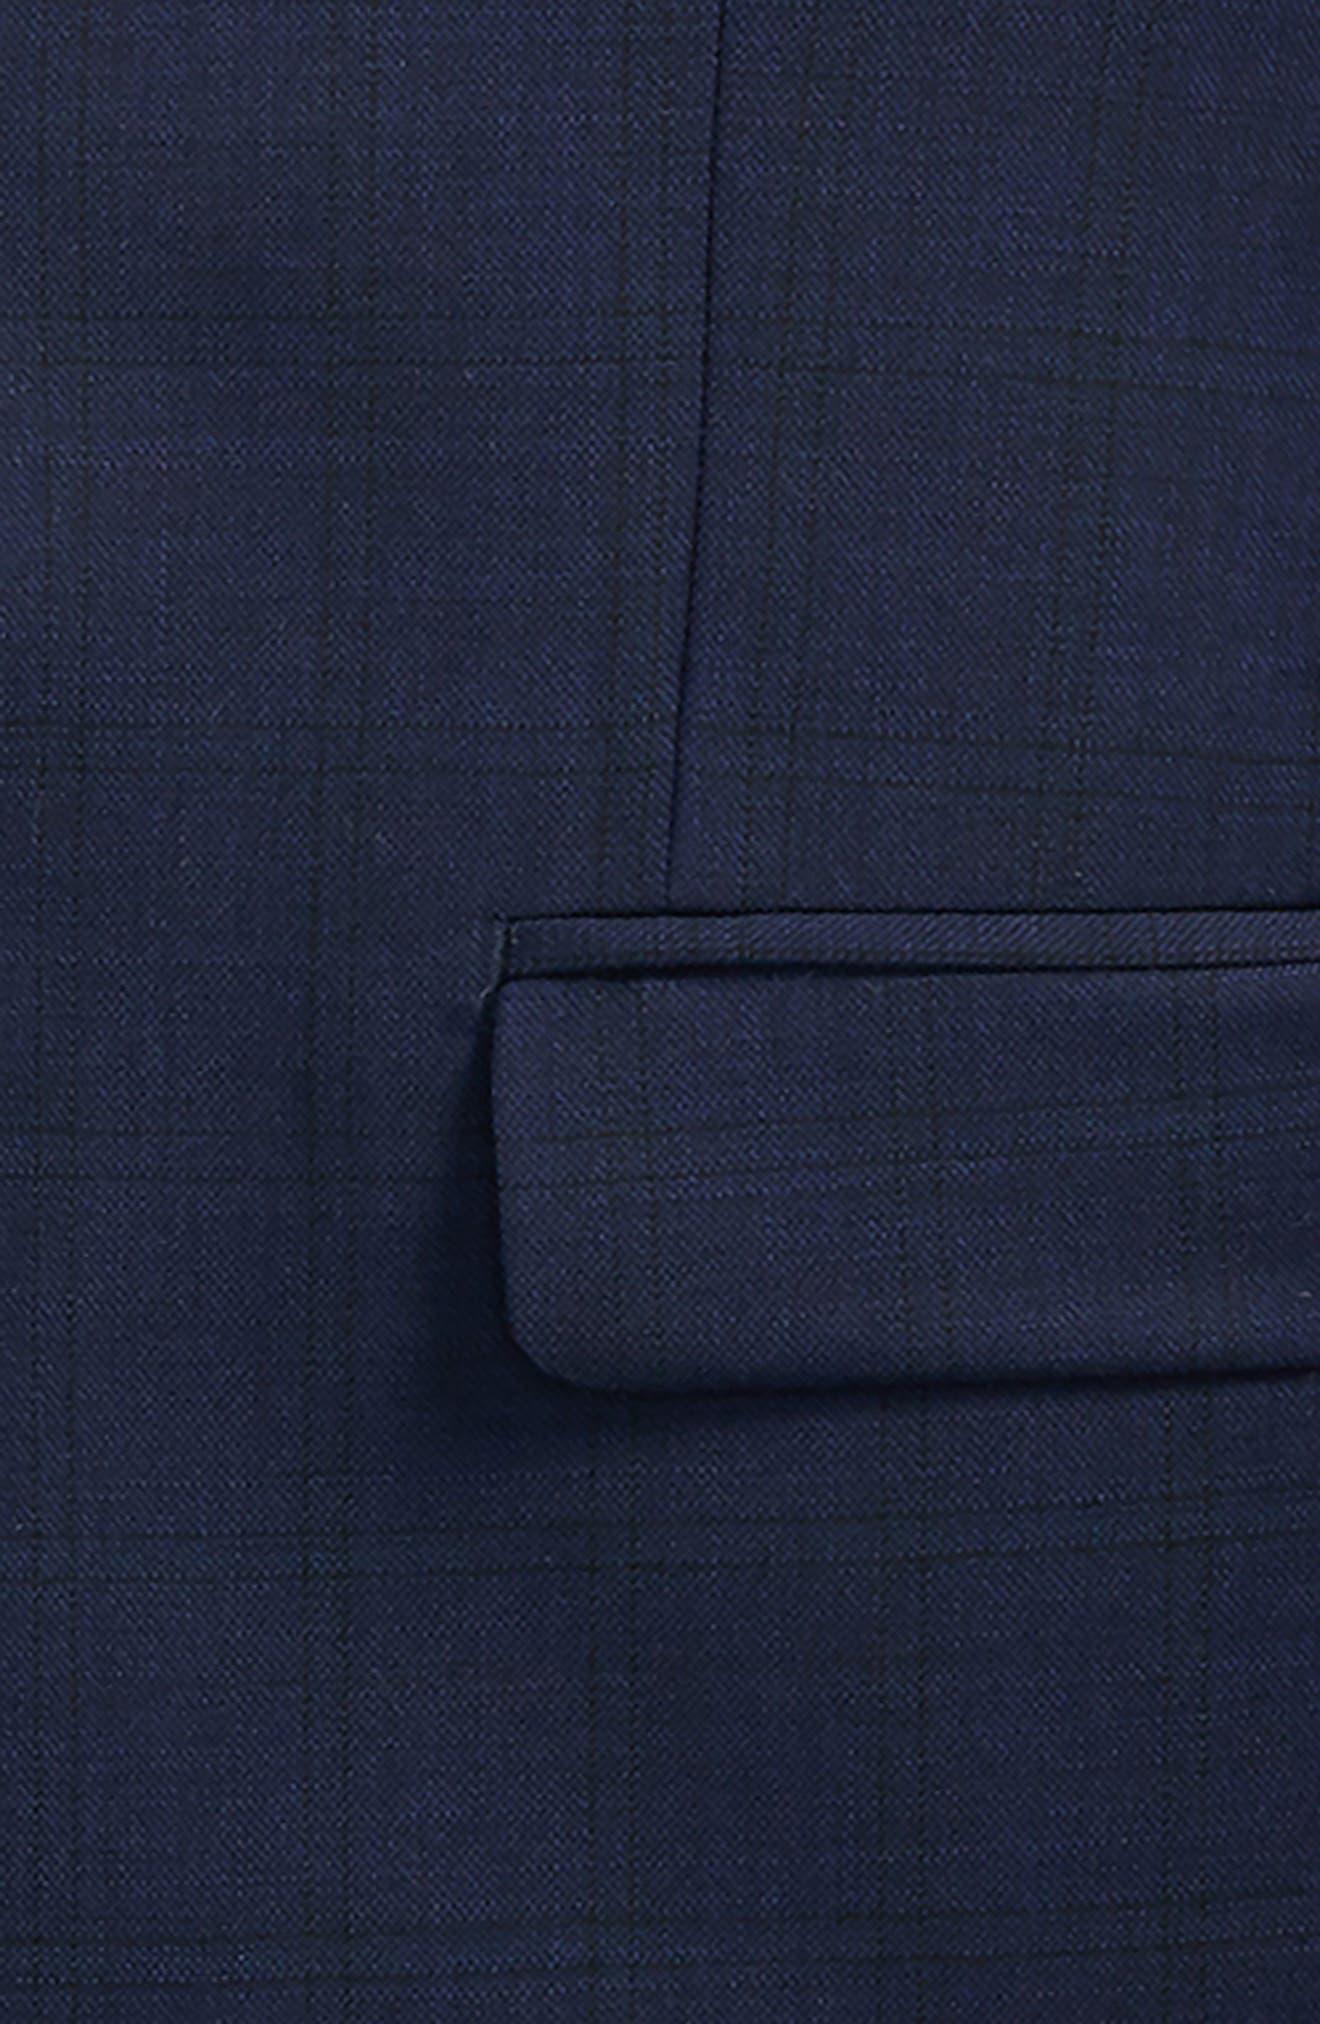 Plaid Wool Suit,                             Alternate thumbnail 2, color,                             410